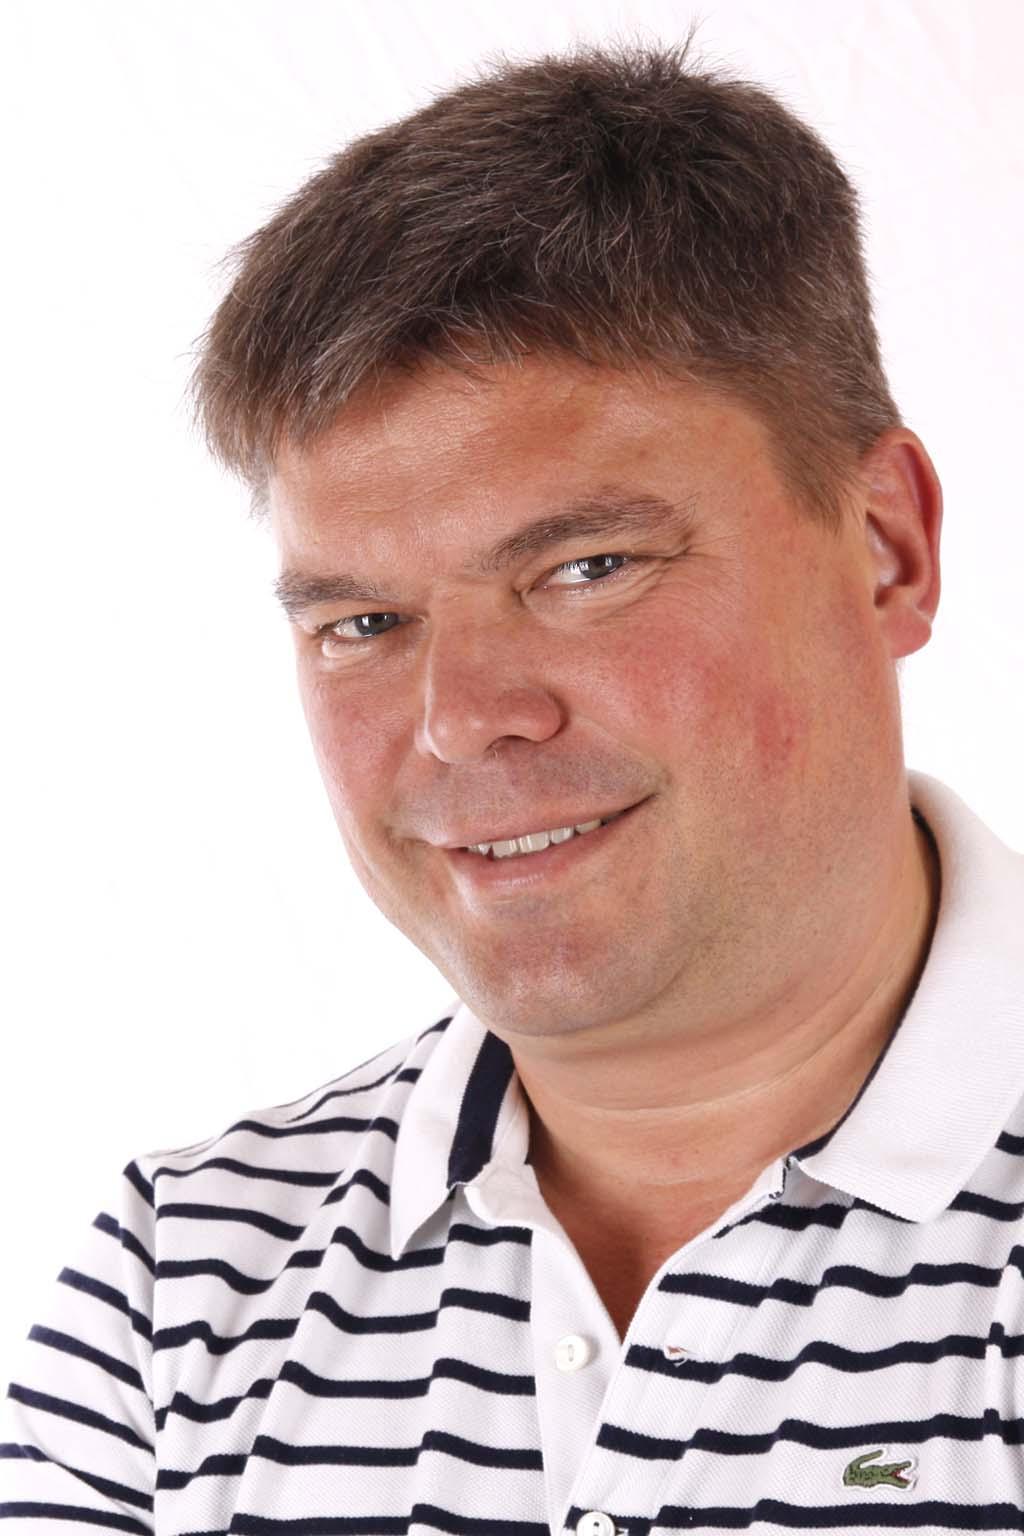 Porträt: Dr. Edmund Schmidt, Facharzt für Allgemeinmedizin